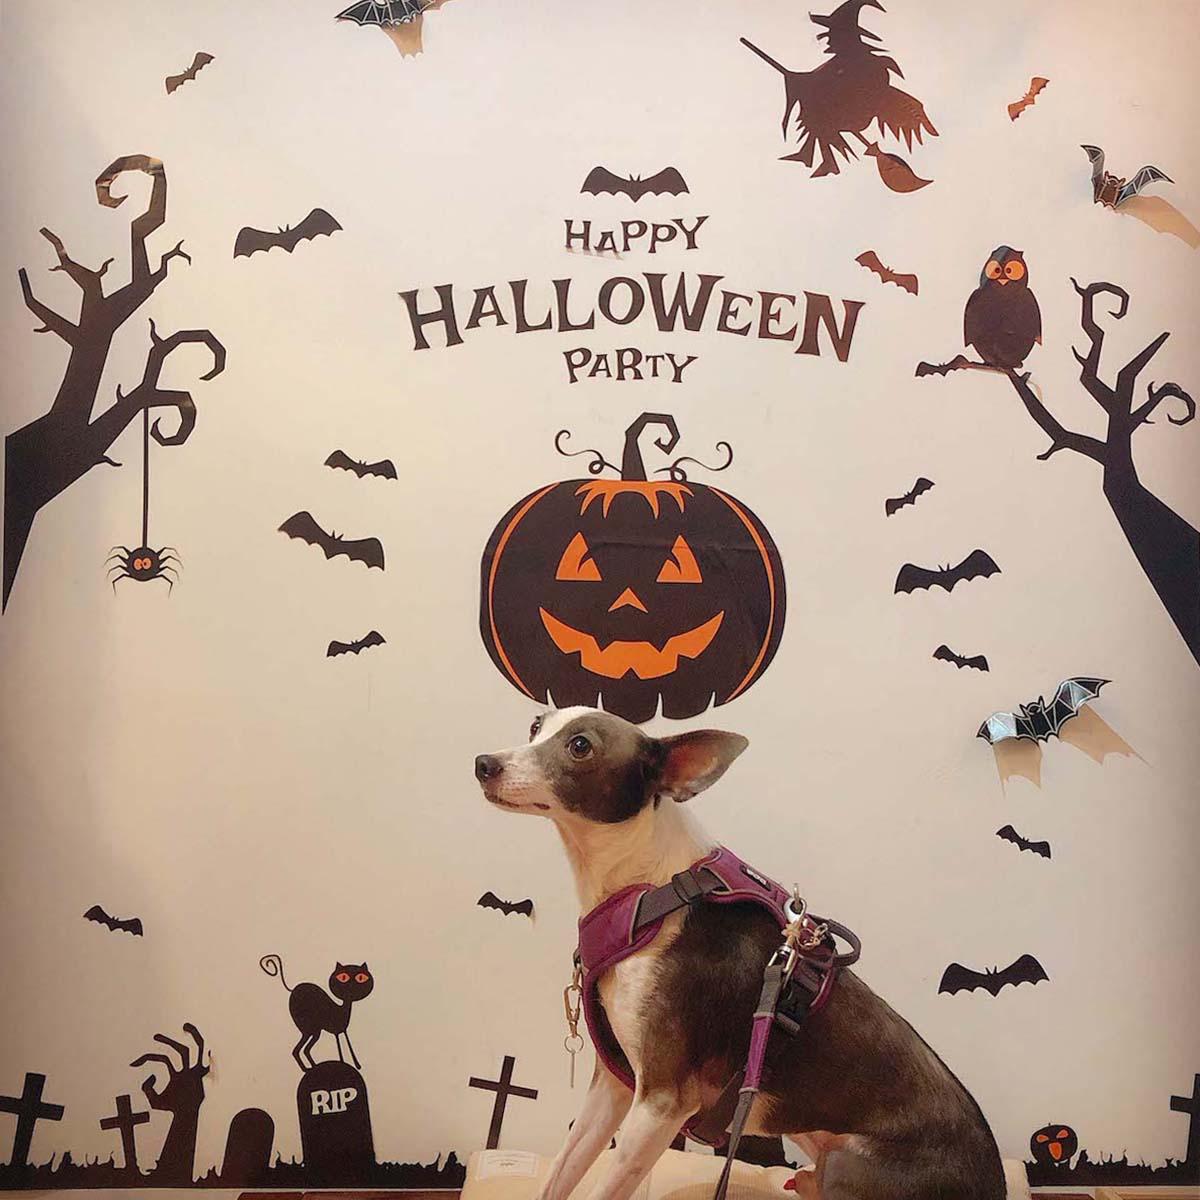 ハロウィン仕様の壁とアスターの写真